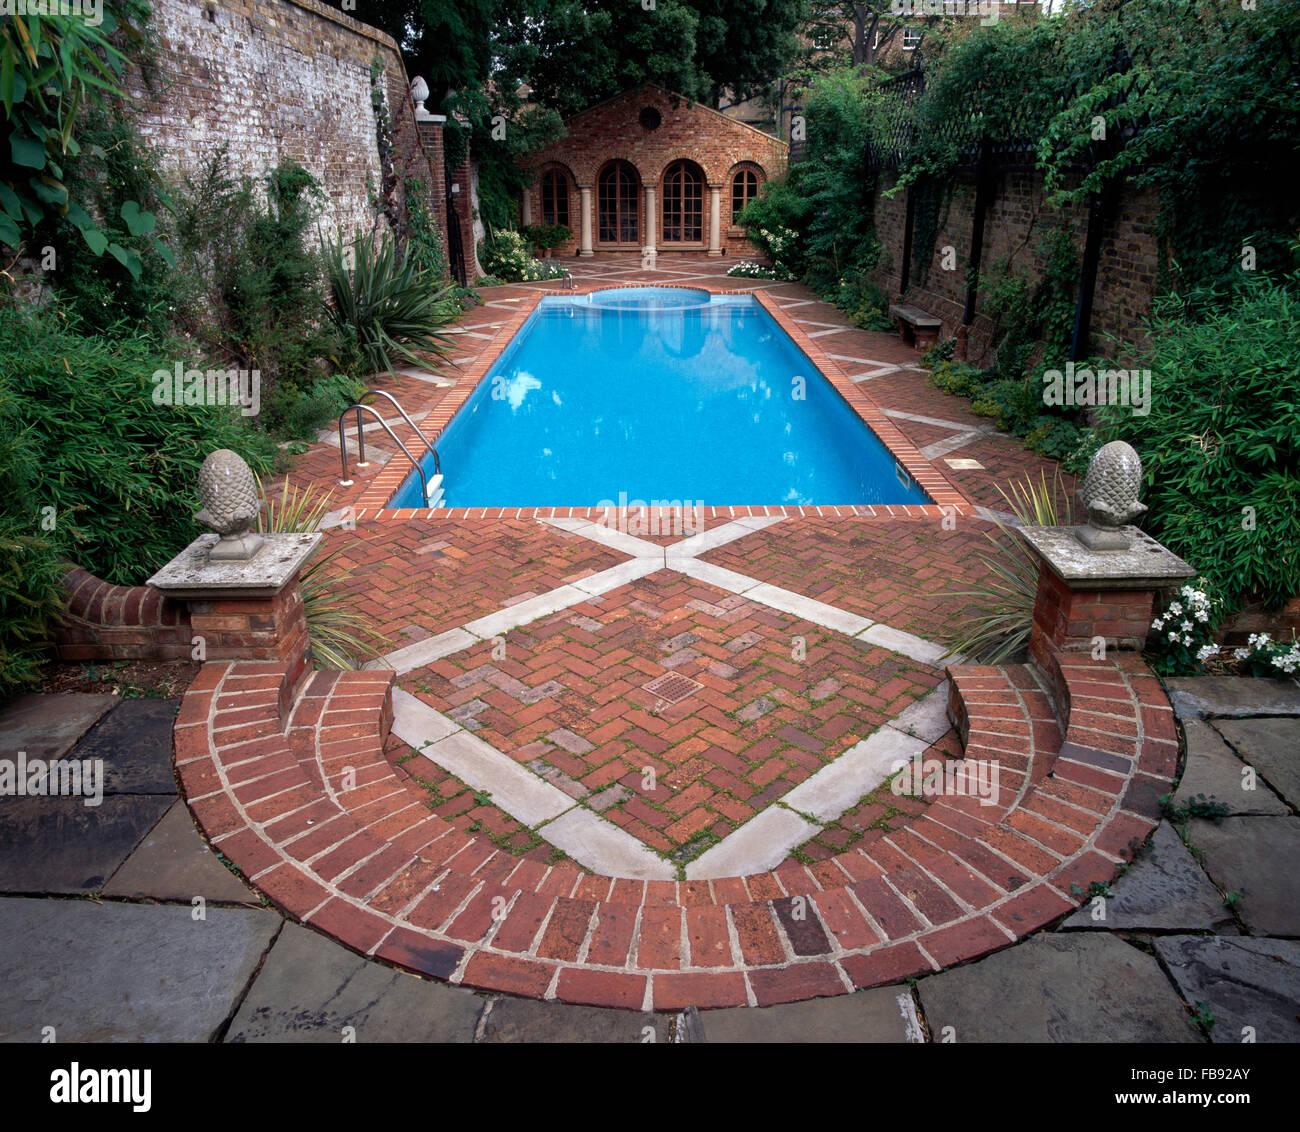 brick paving around turquoise rectangular swimming pool in large